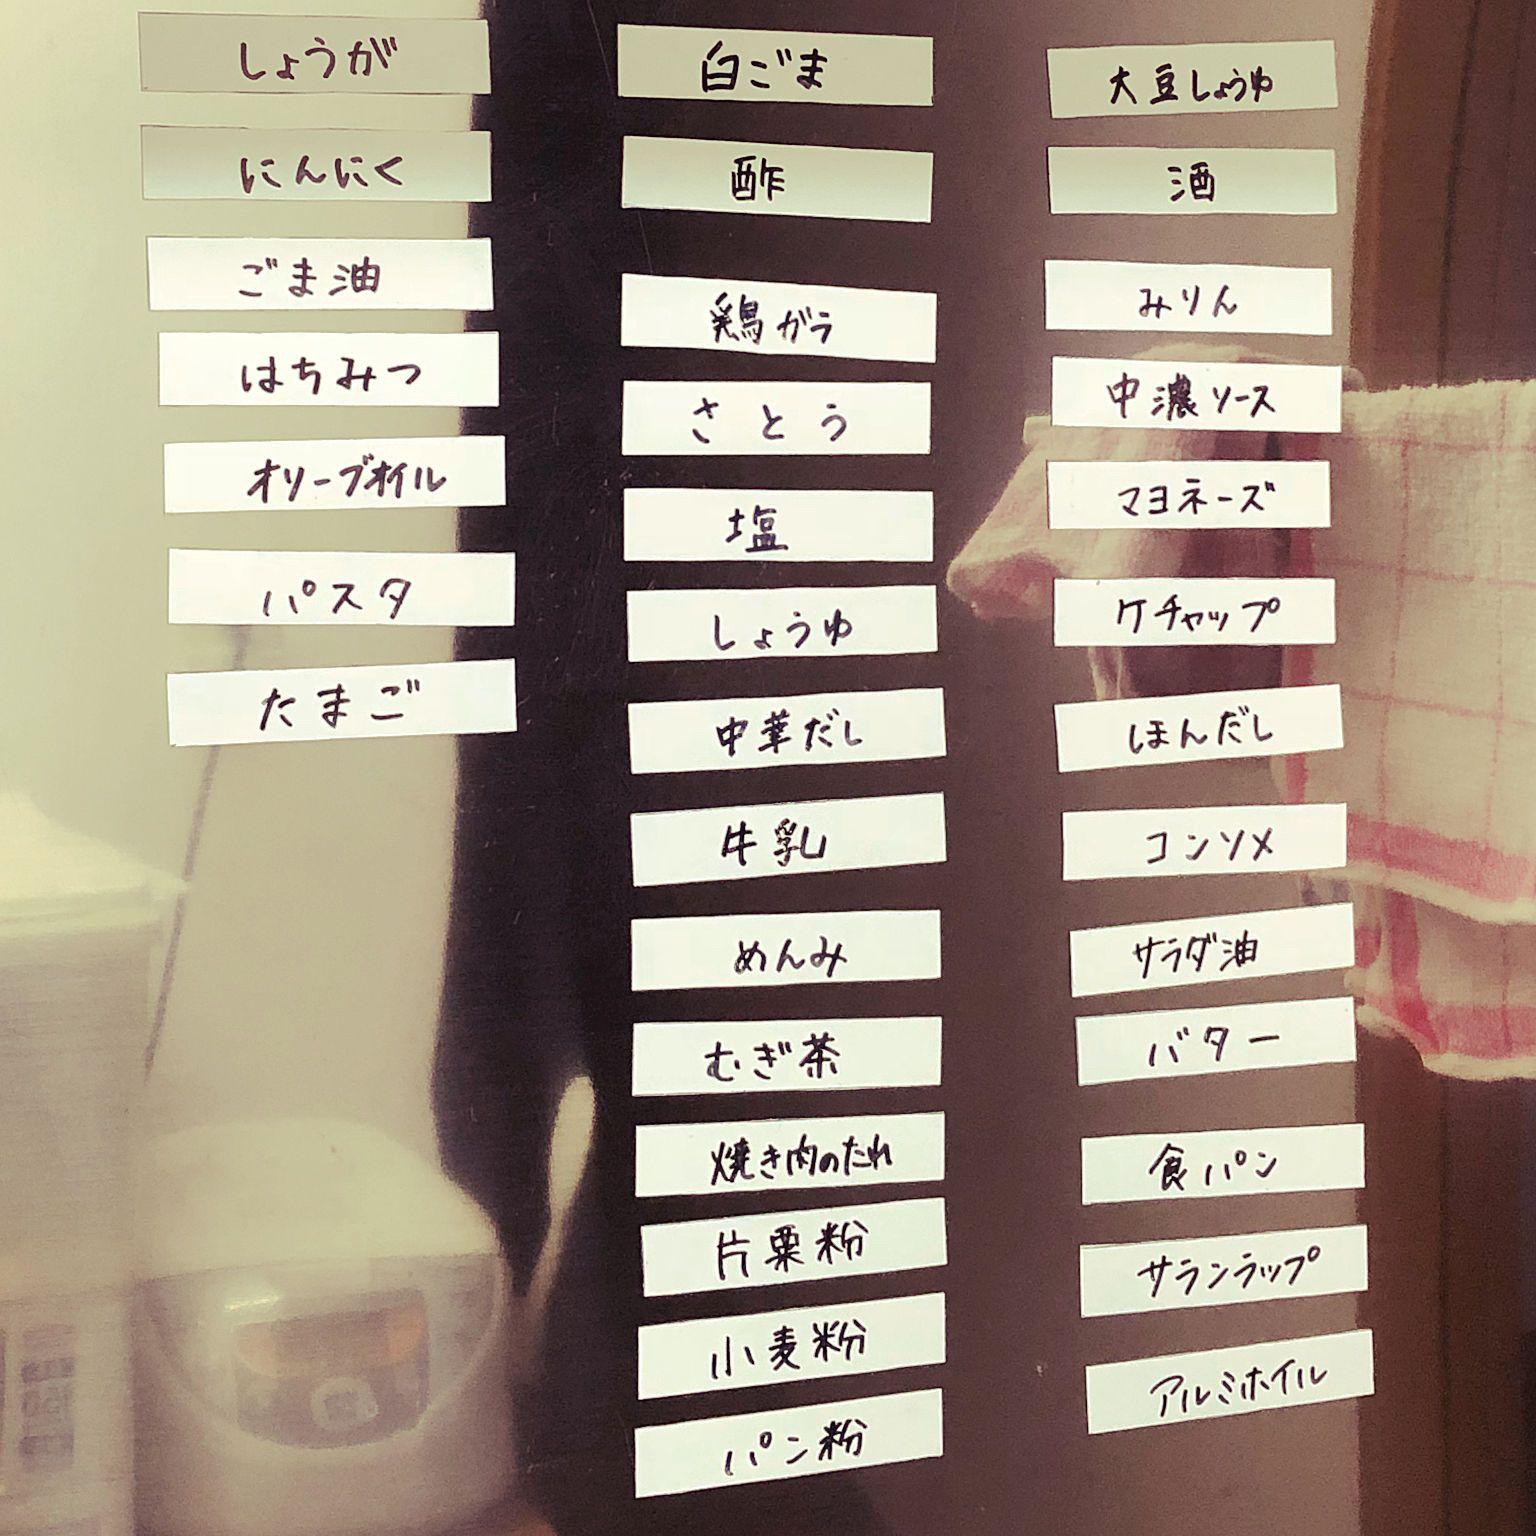 キッチン 調味料 マグネットシート マグネット ストック表 などの